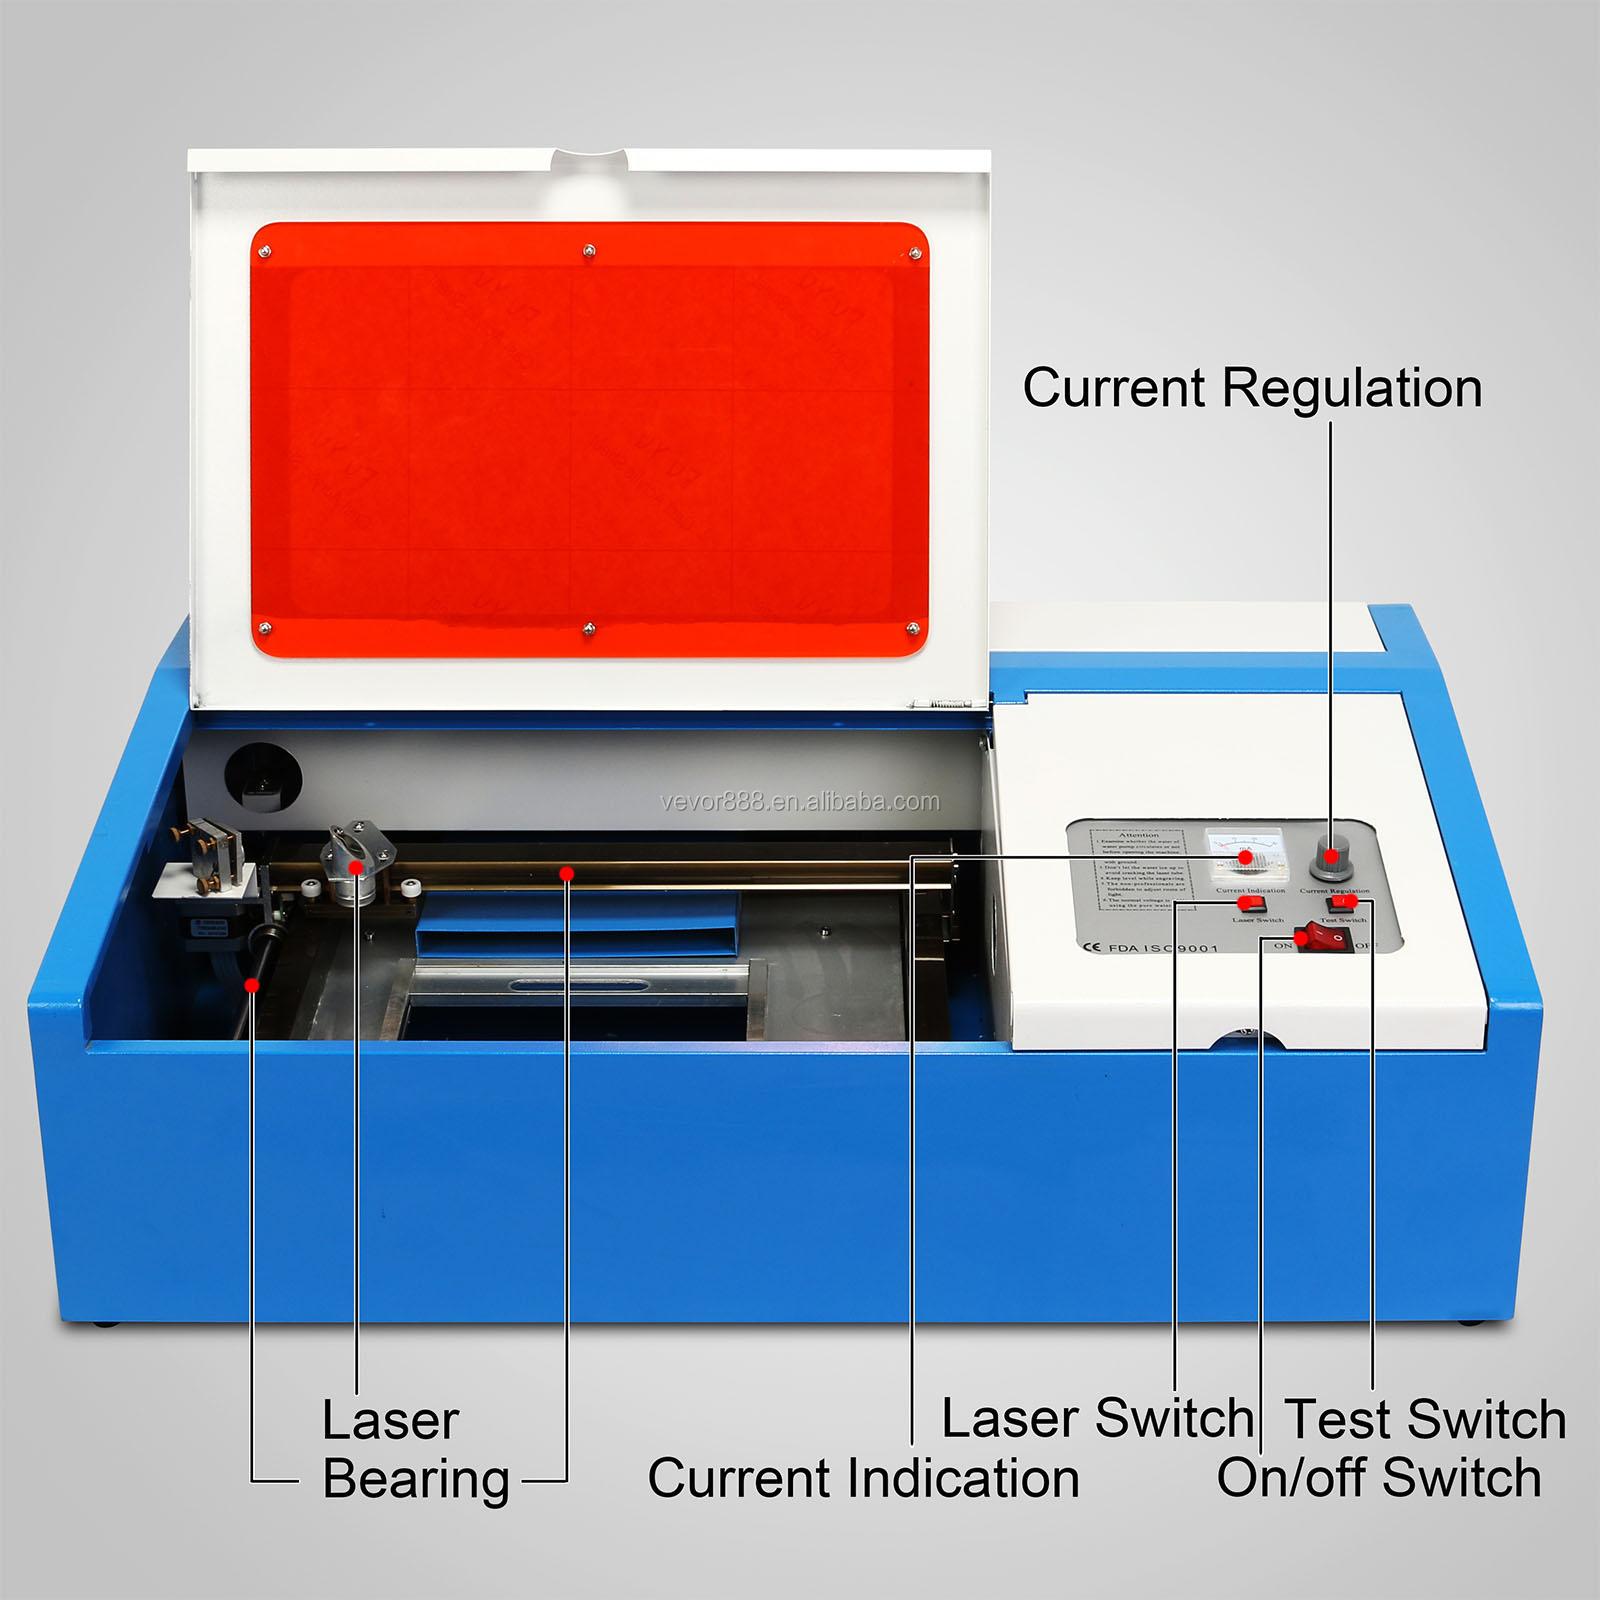 Обновленная высокоточная и высокая скорость третьего поколения CO2 лазерная d100-3.jpg